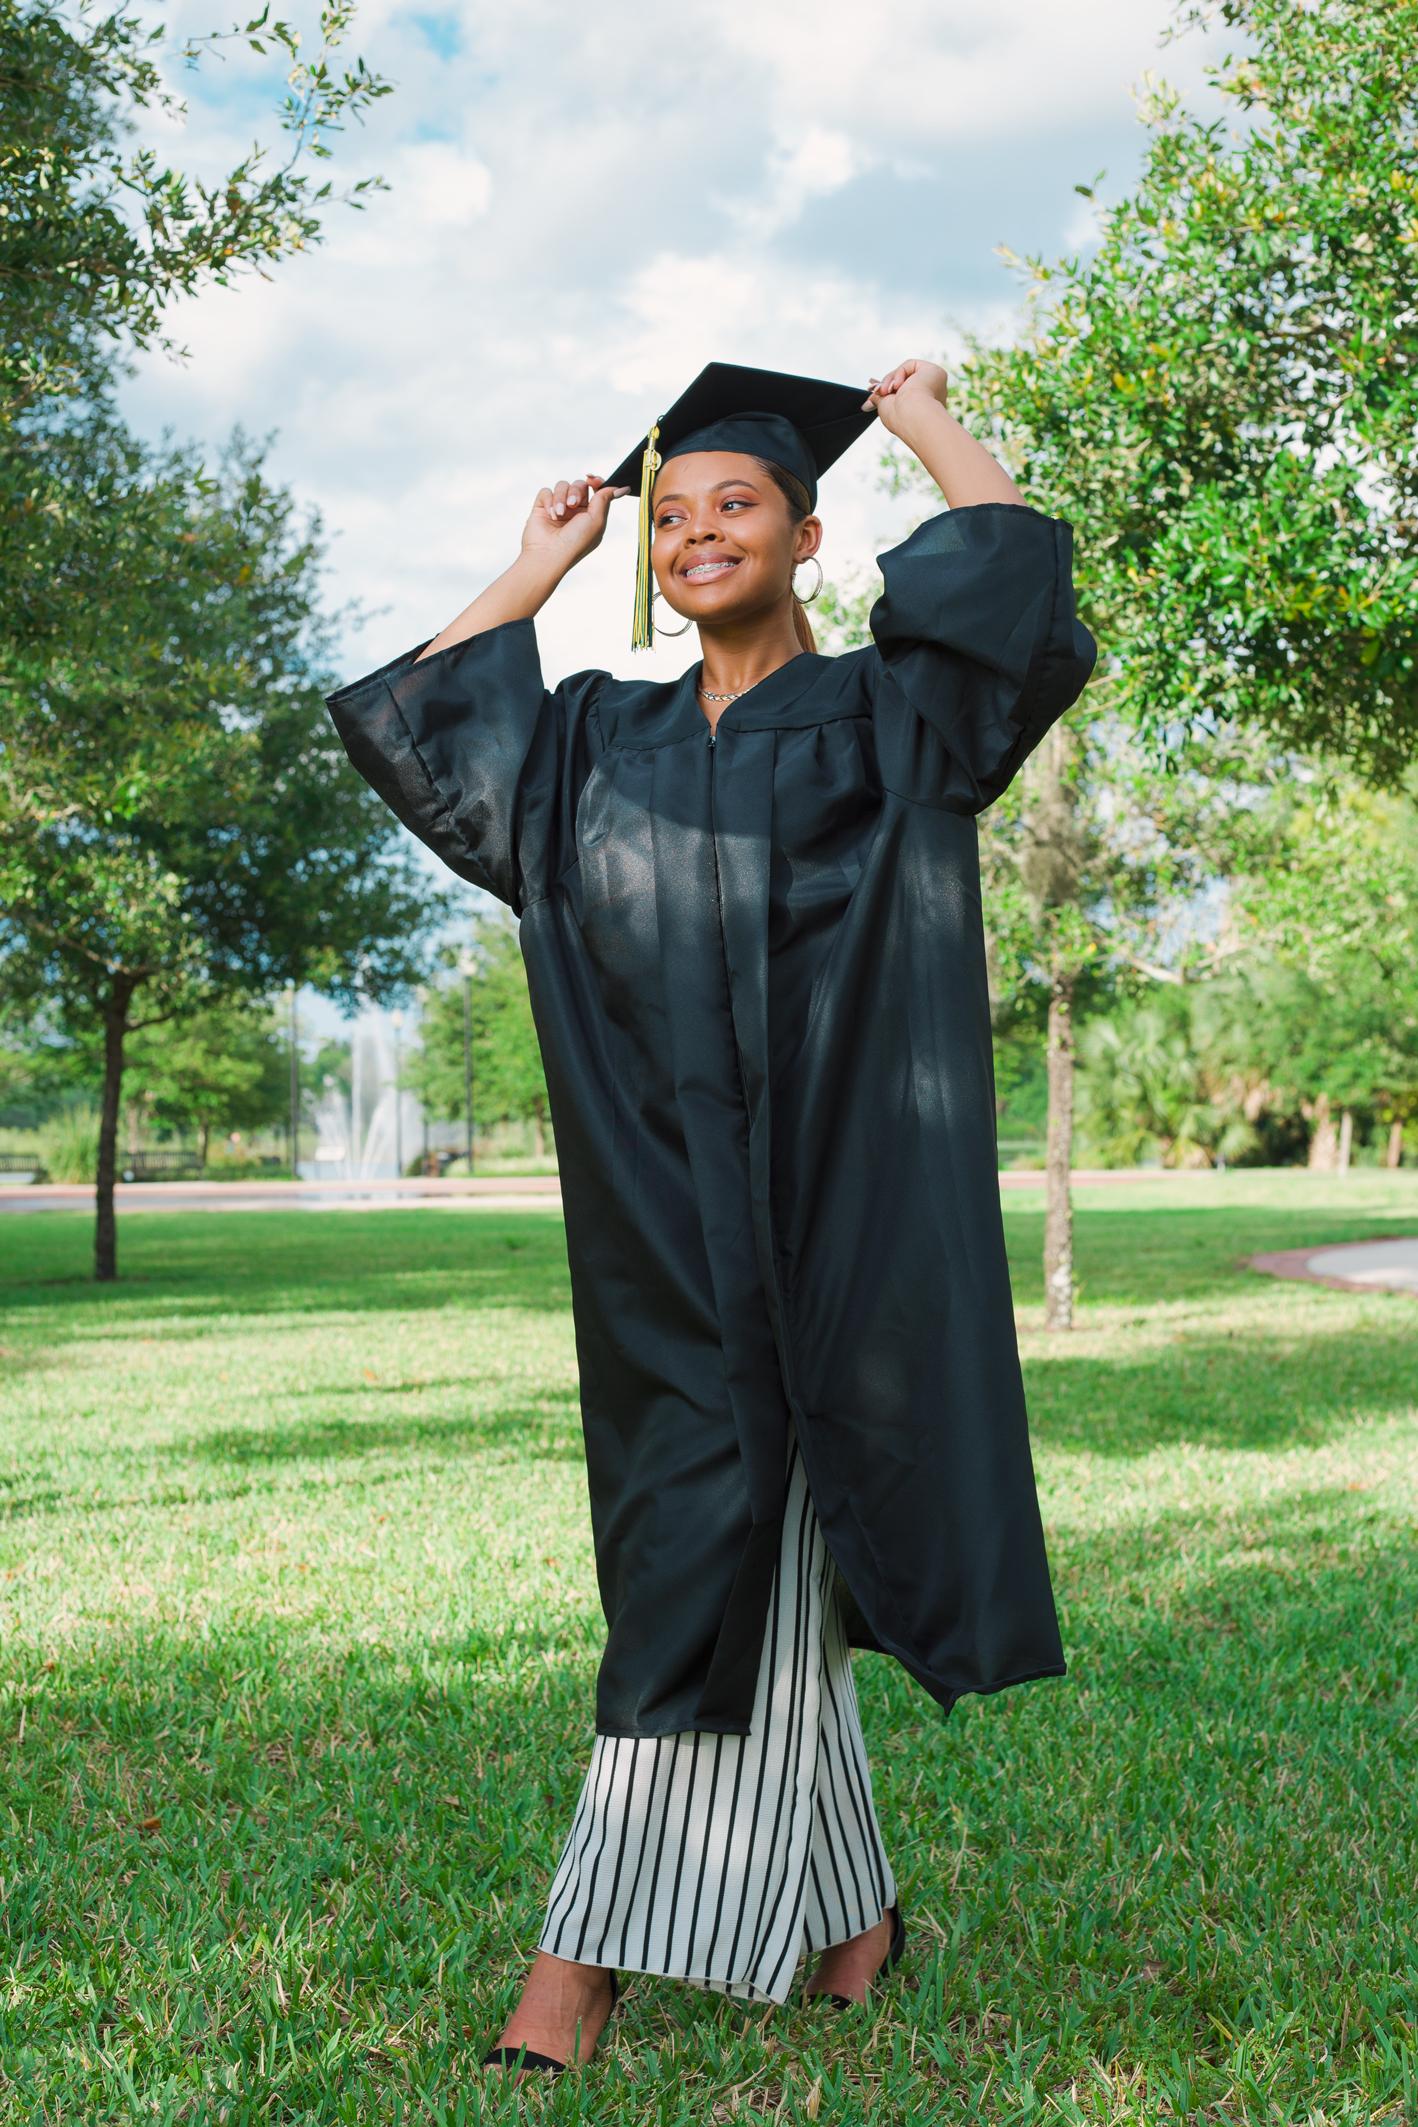 deltona-graduation-senior-photos-chamber-hart-photography.jpg